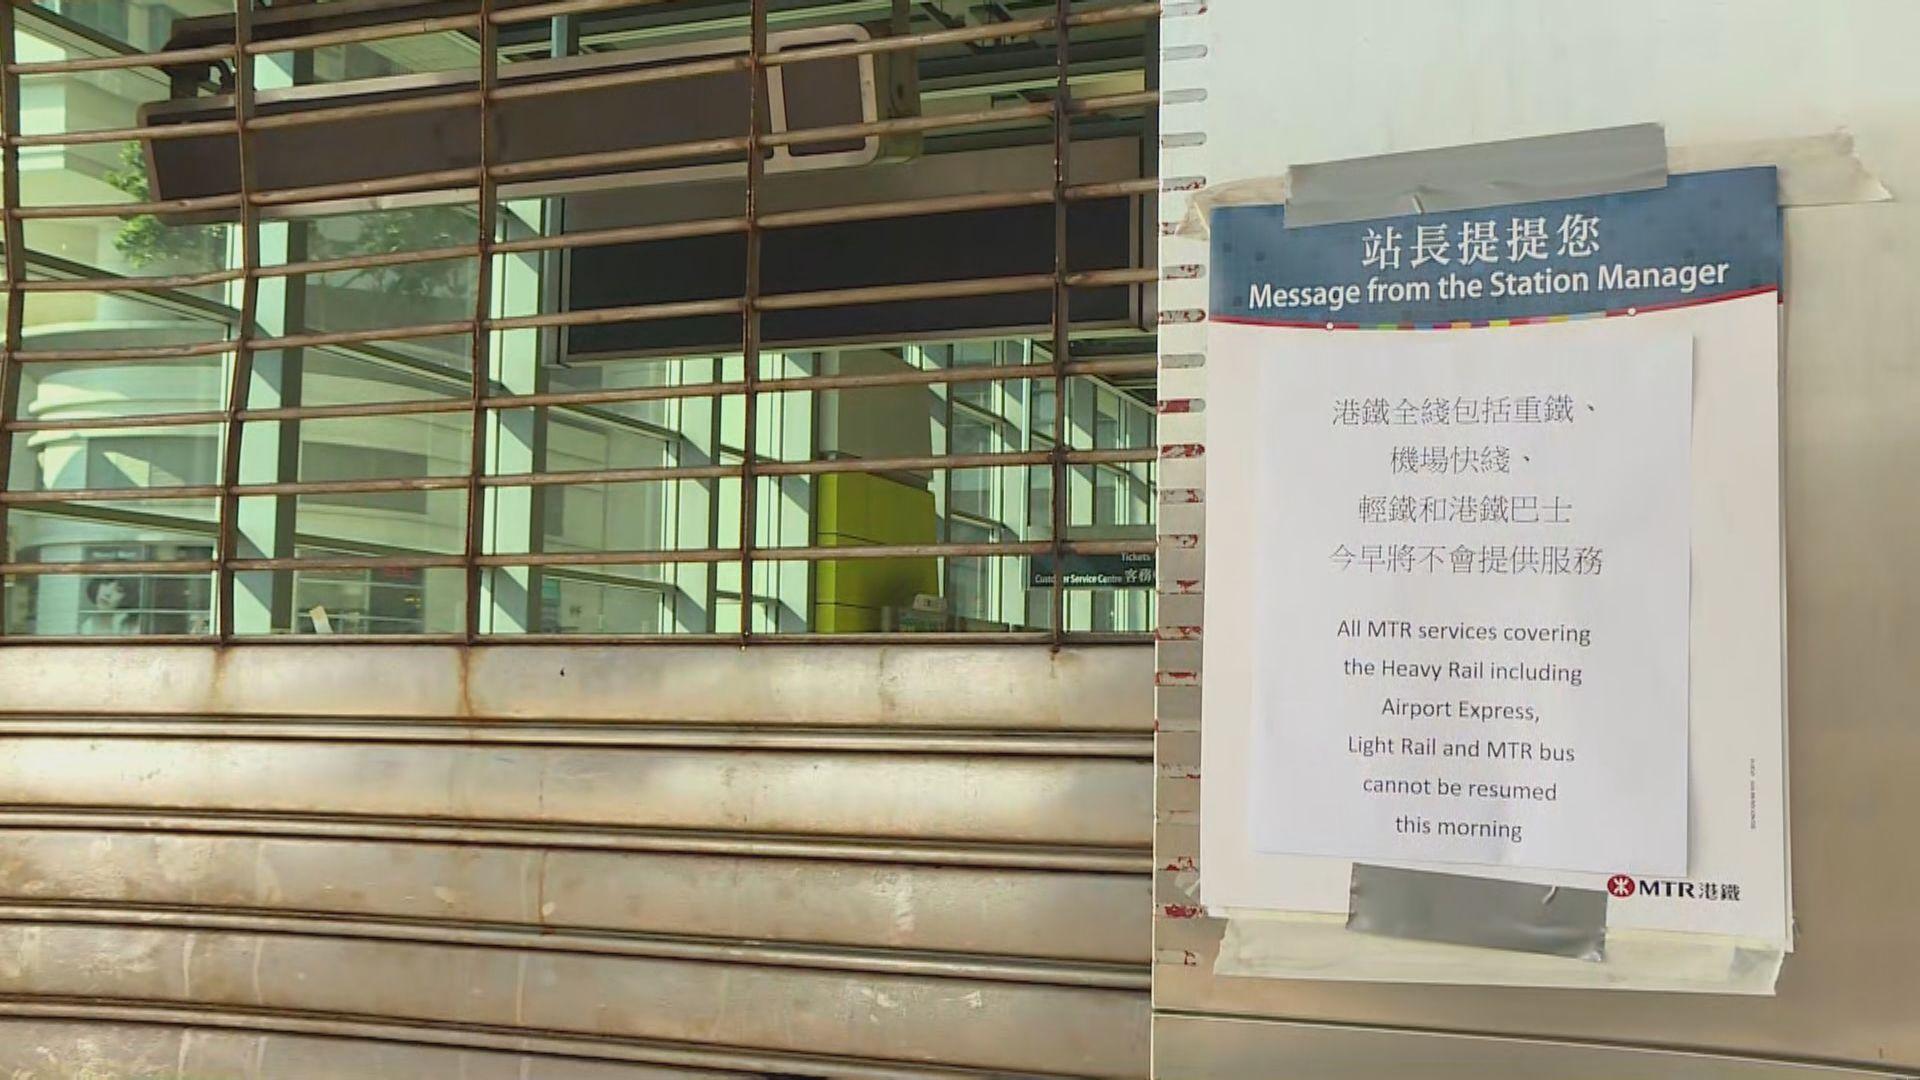 港鐵全綫暫停 未確定恢復服務時間